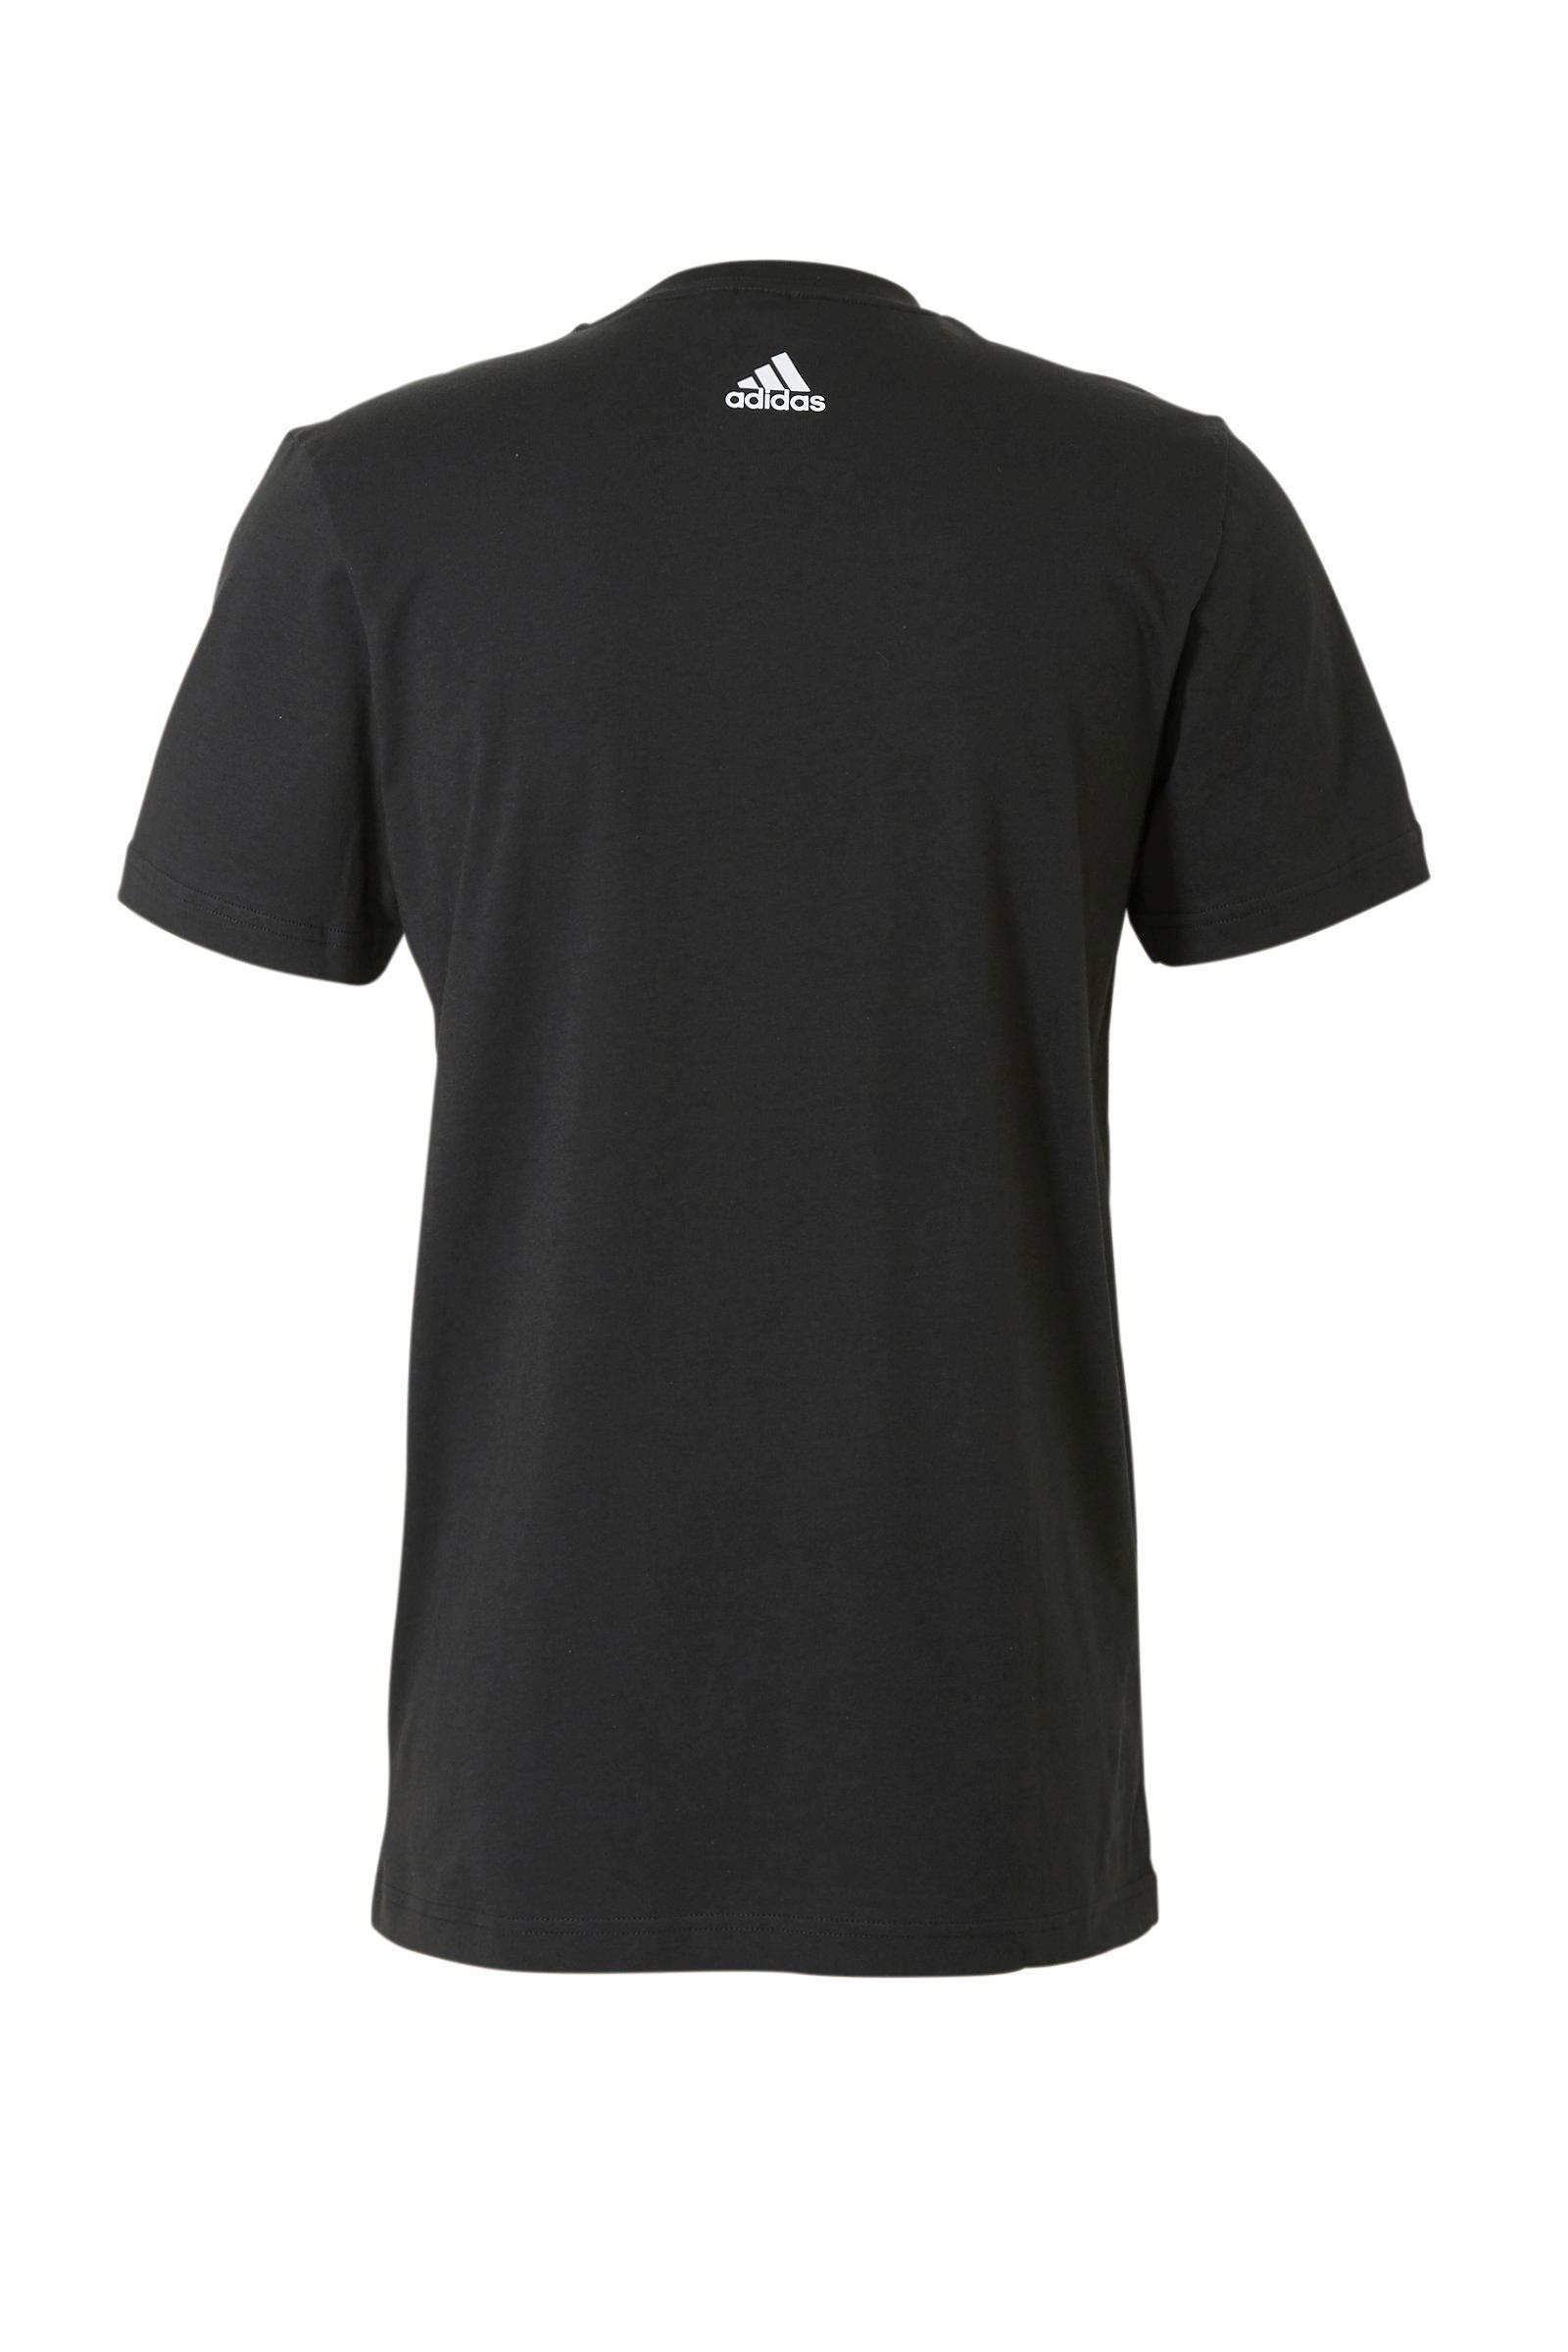 performance sport T shirt zwart